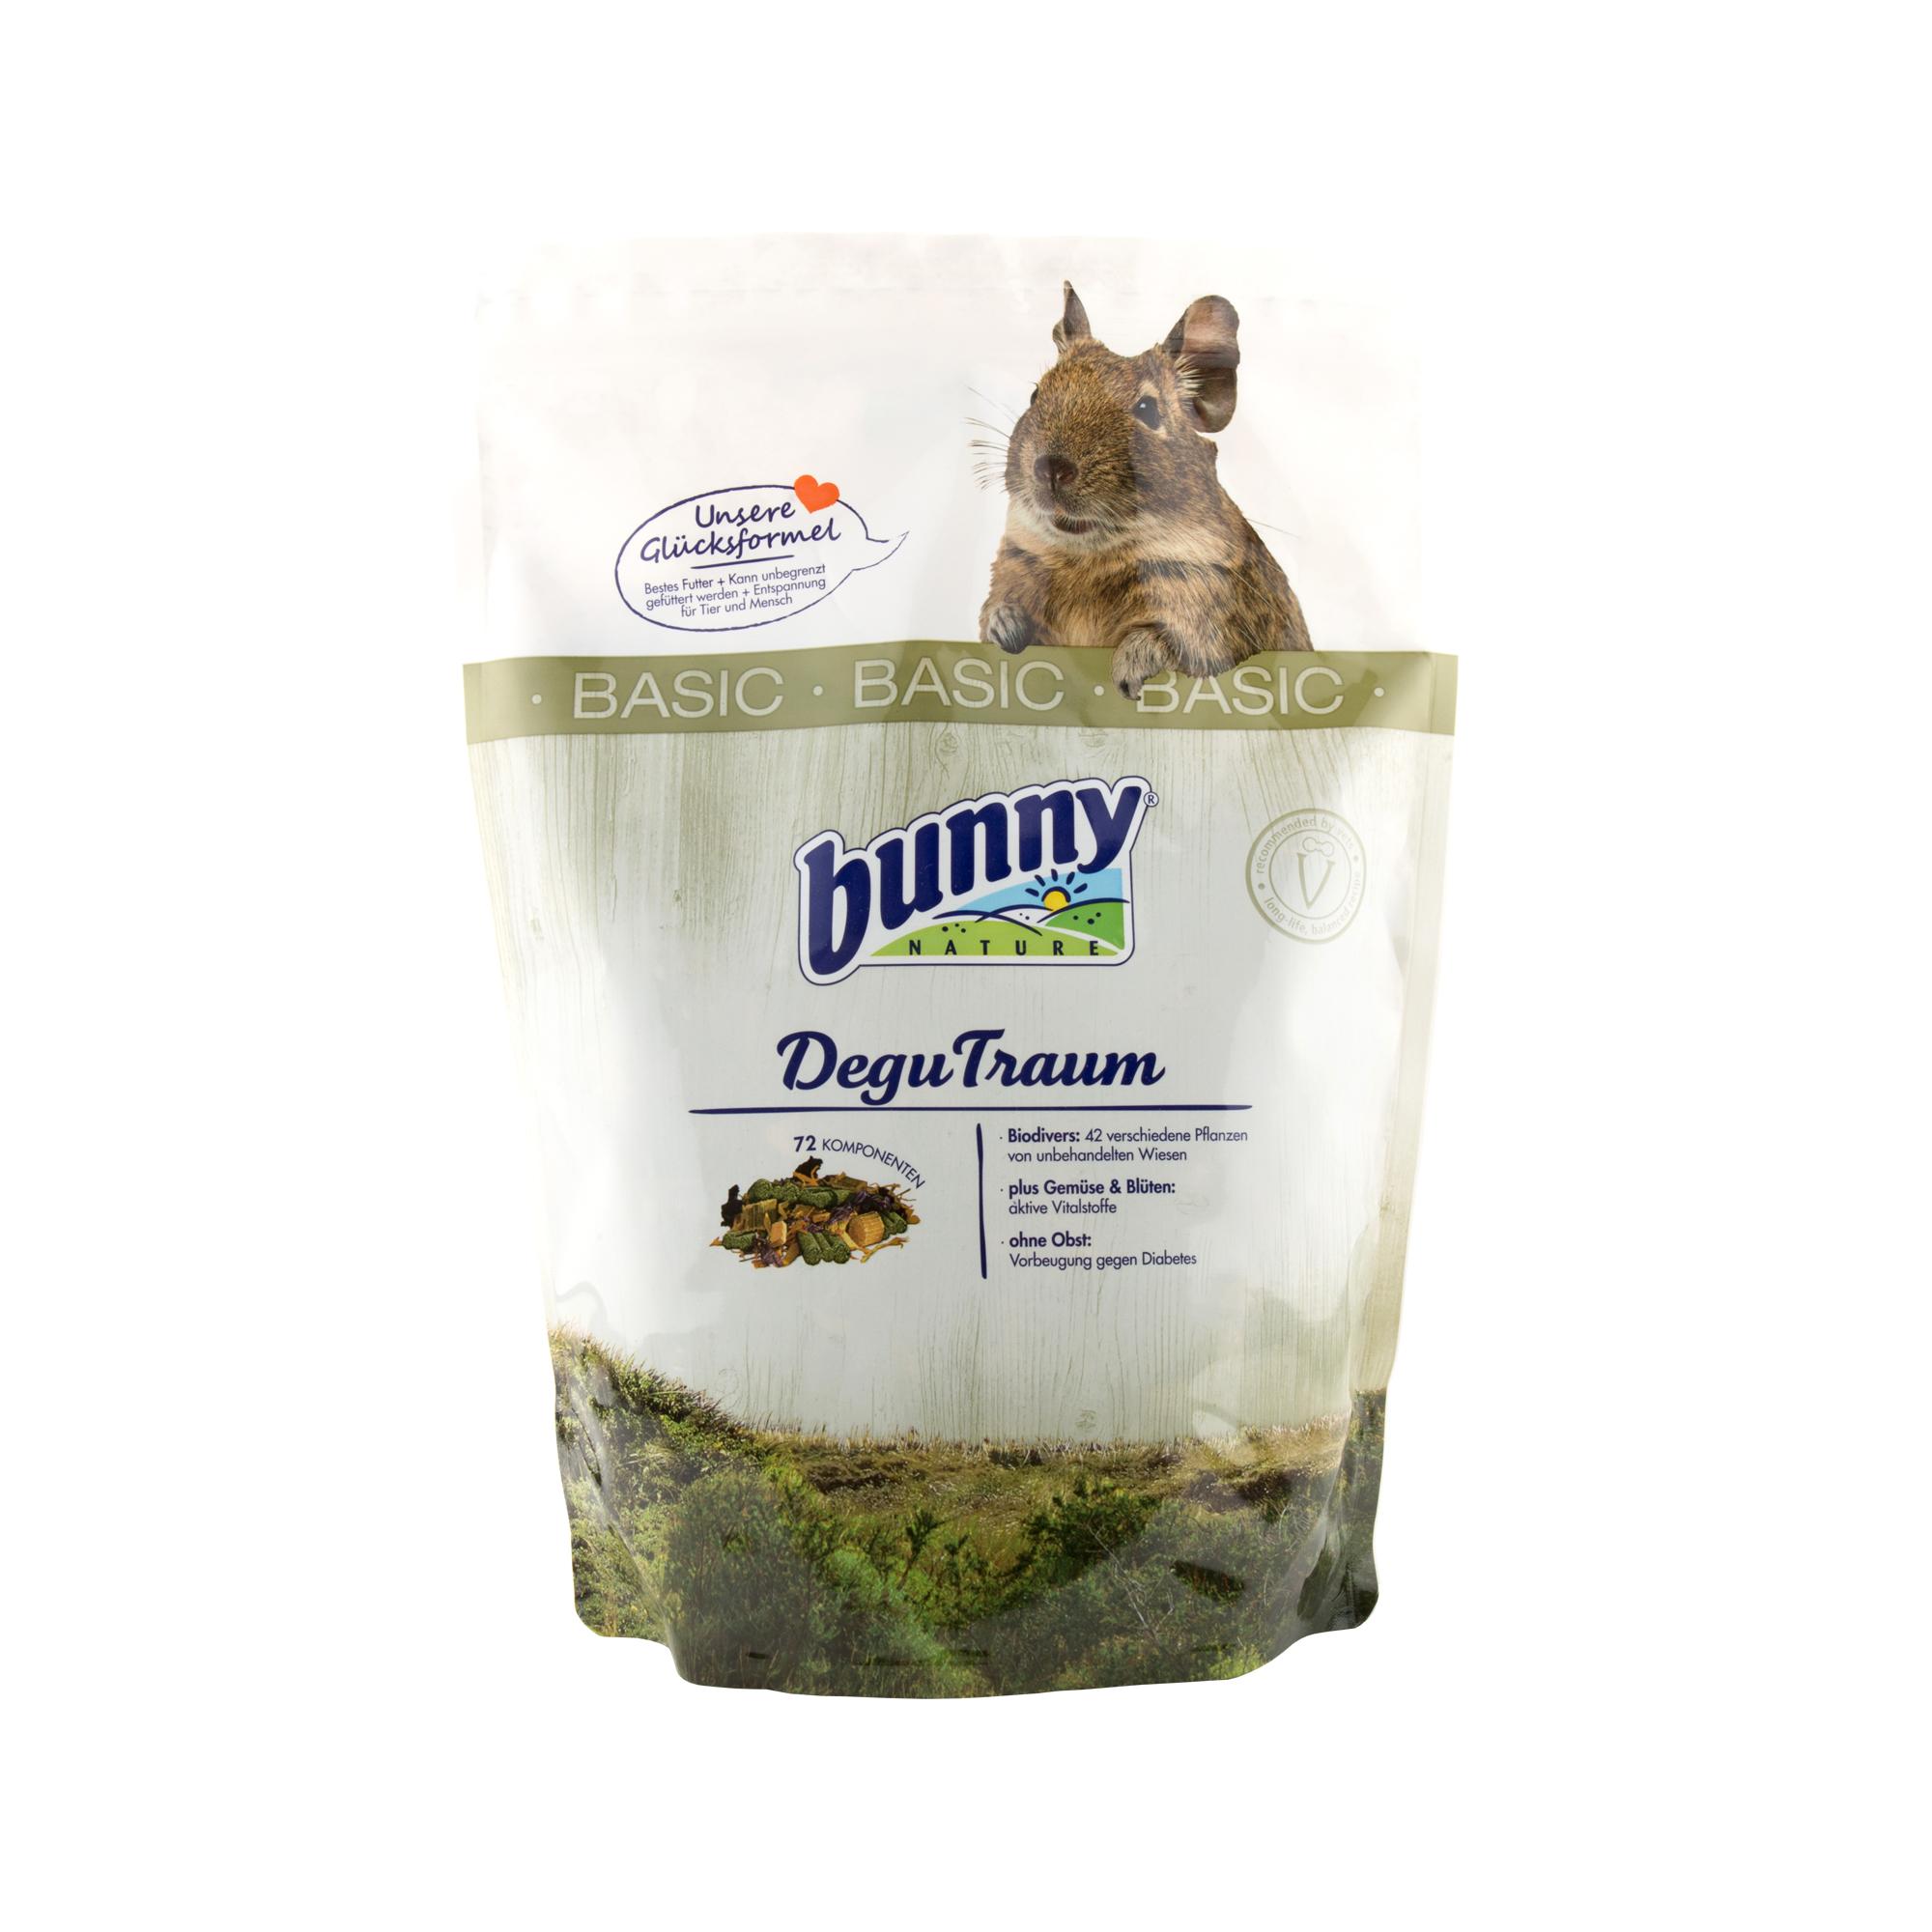 Bunny Nature DeguTraum Basic